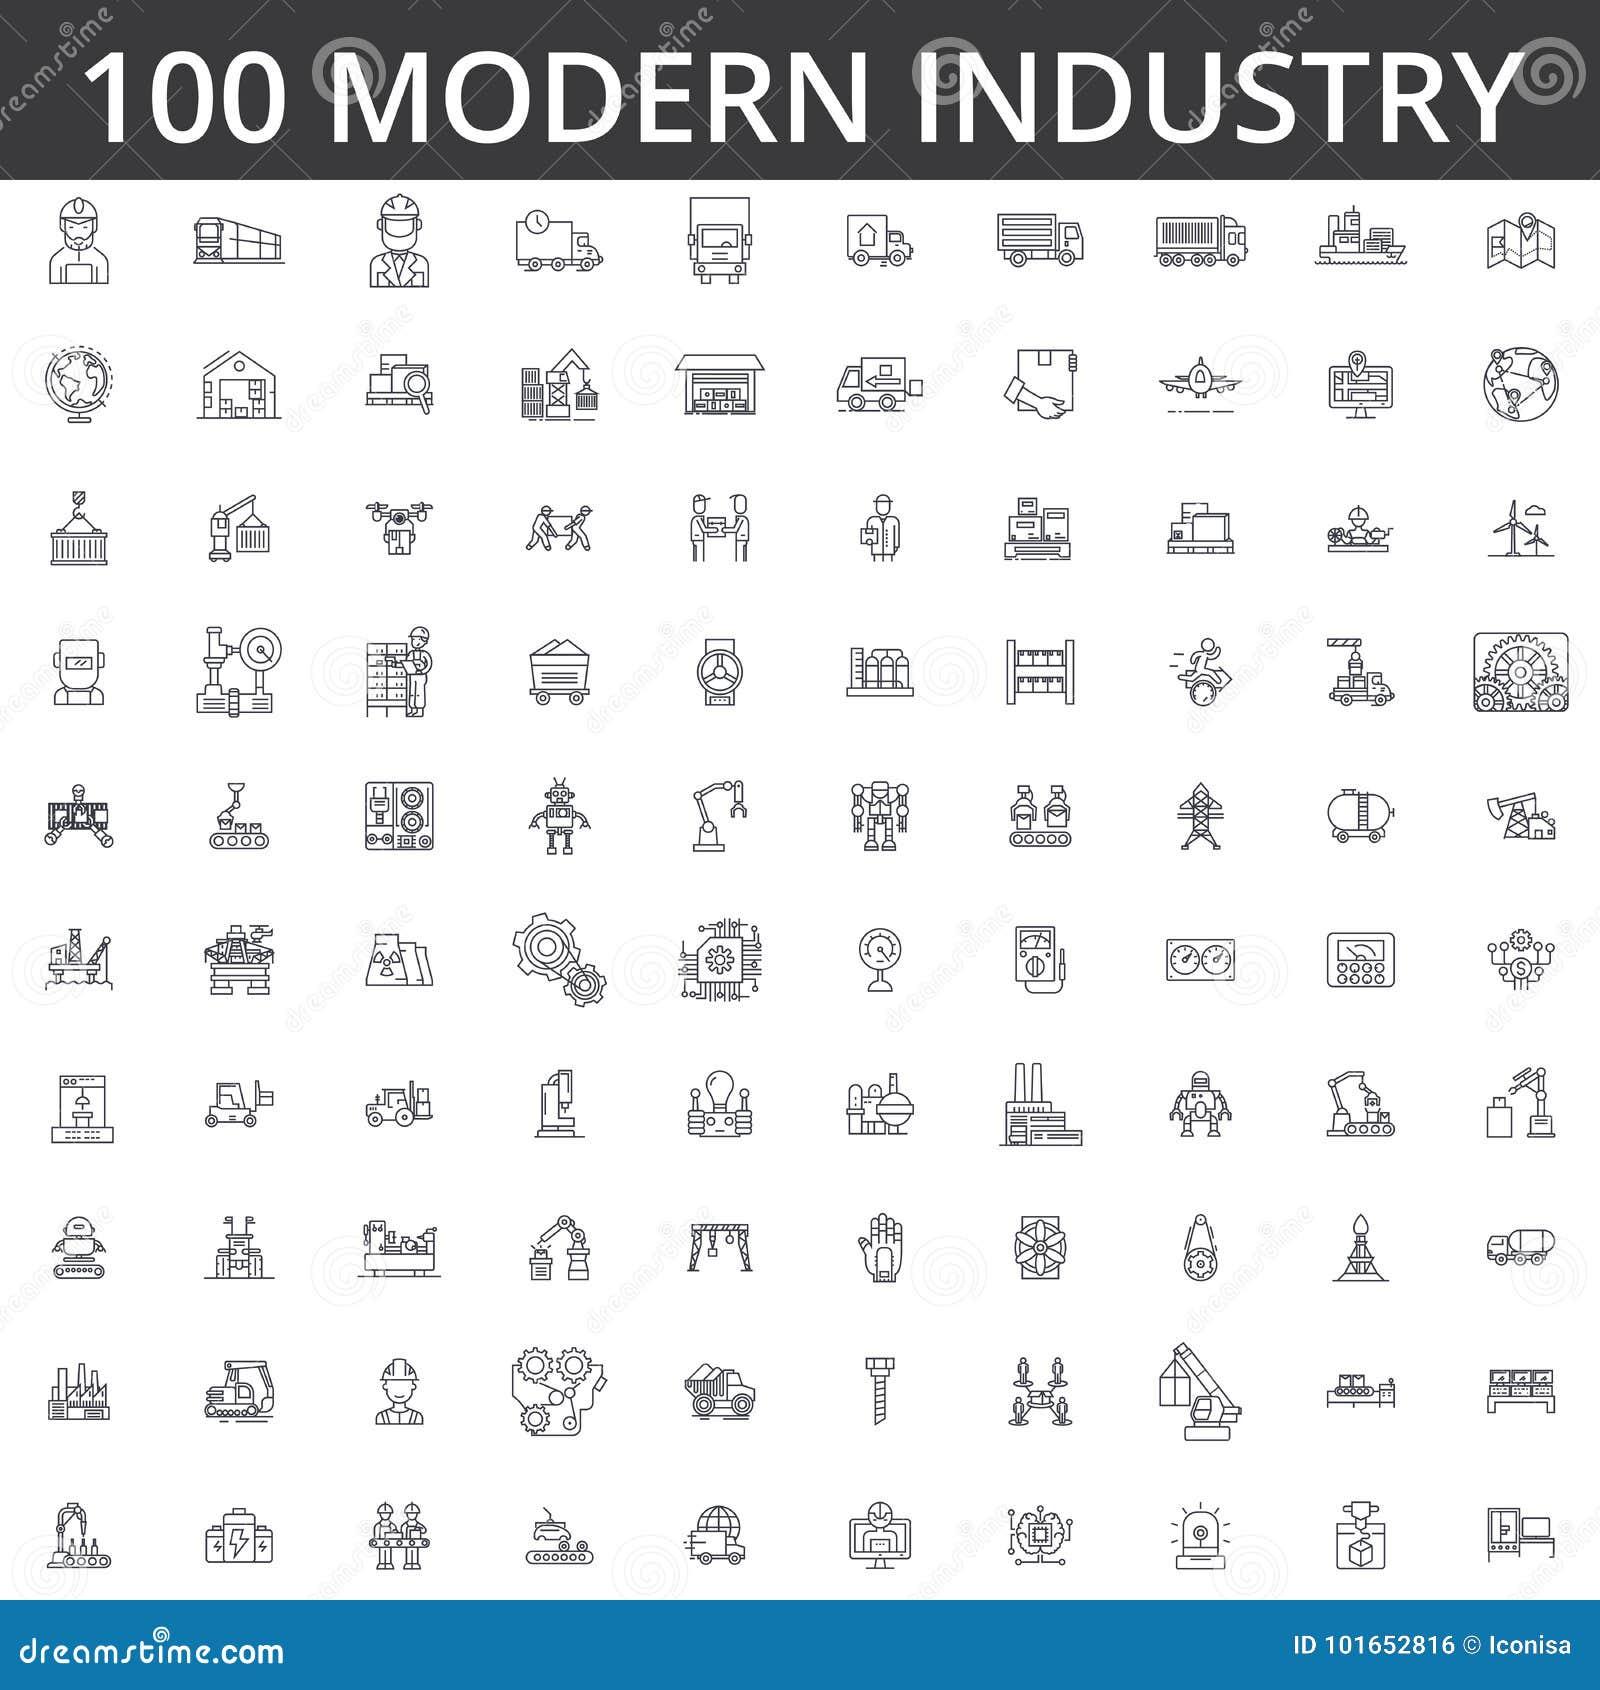 产业,后勤学,植物,仓库,工厂,工程学,建筑,发行,制造,重工业